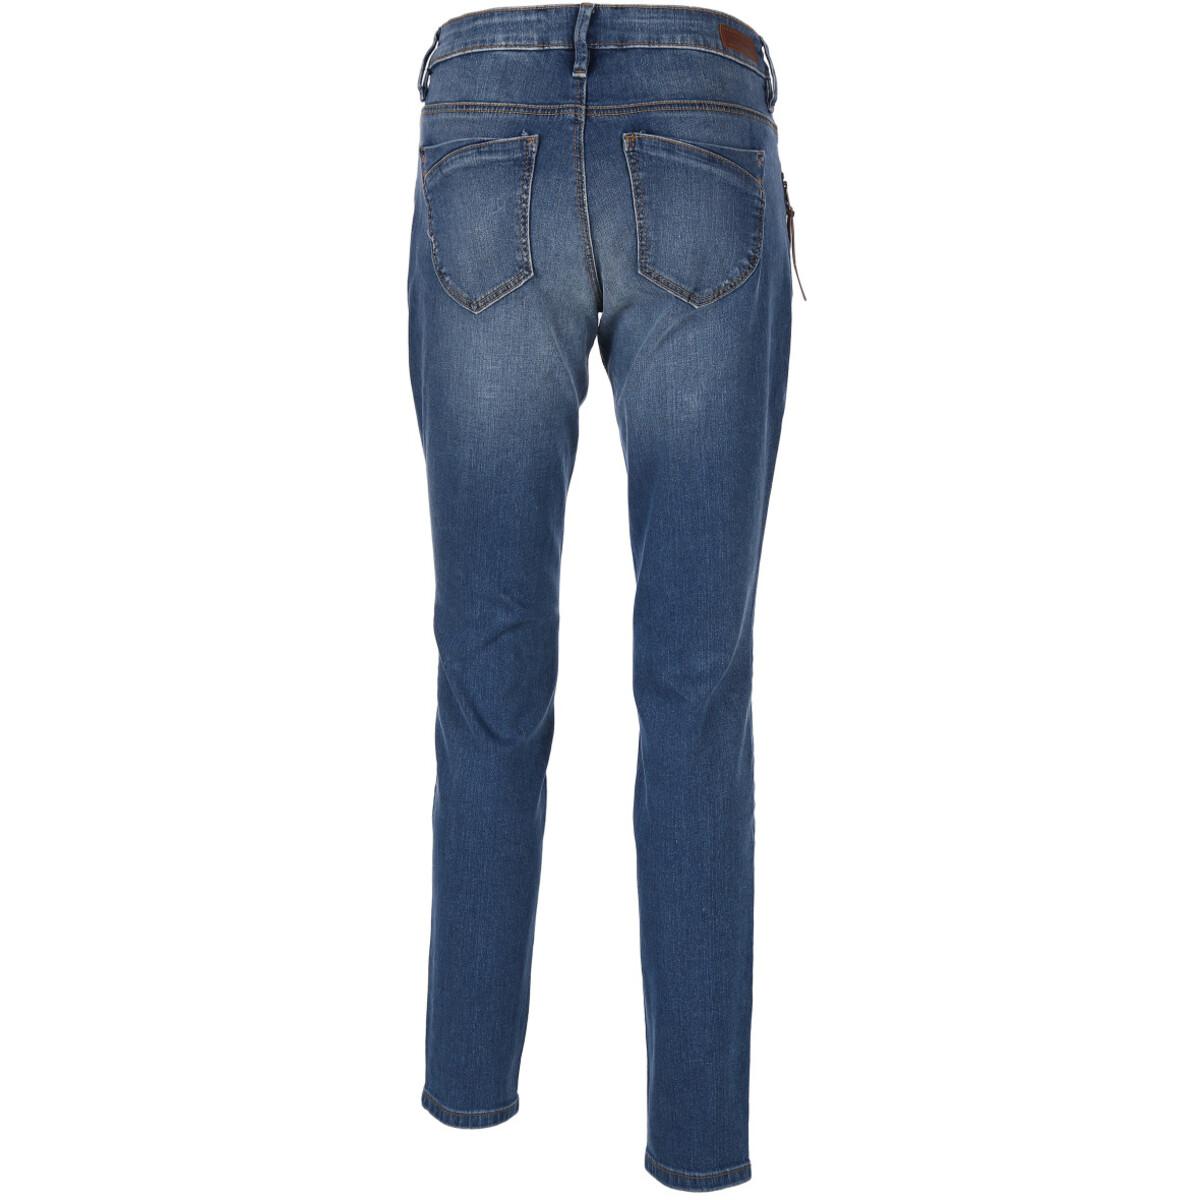 Bild 2 von Damen Jeans in Skinny Form